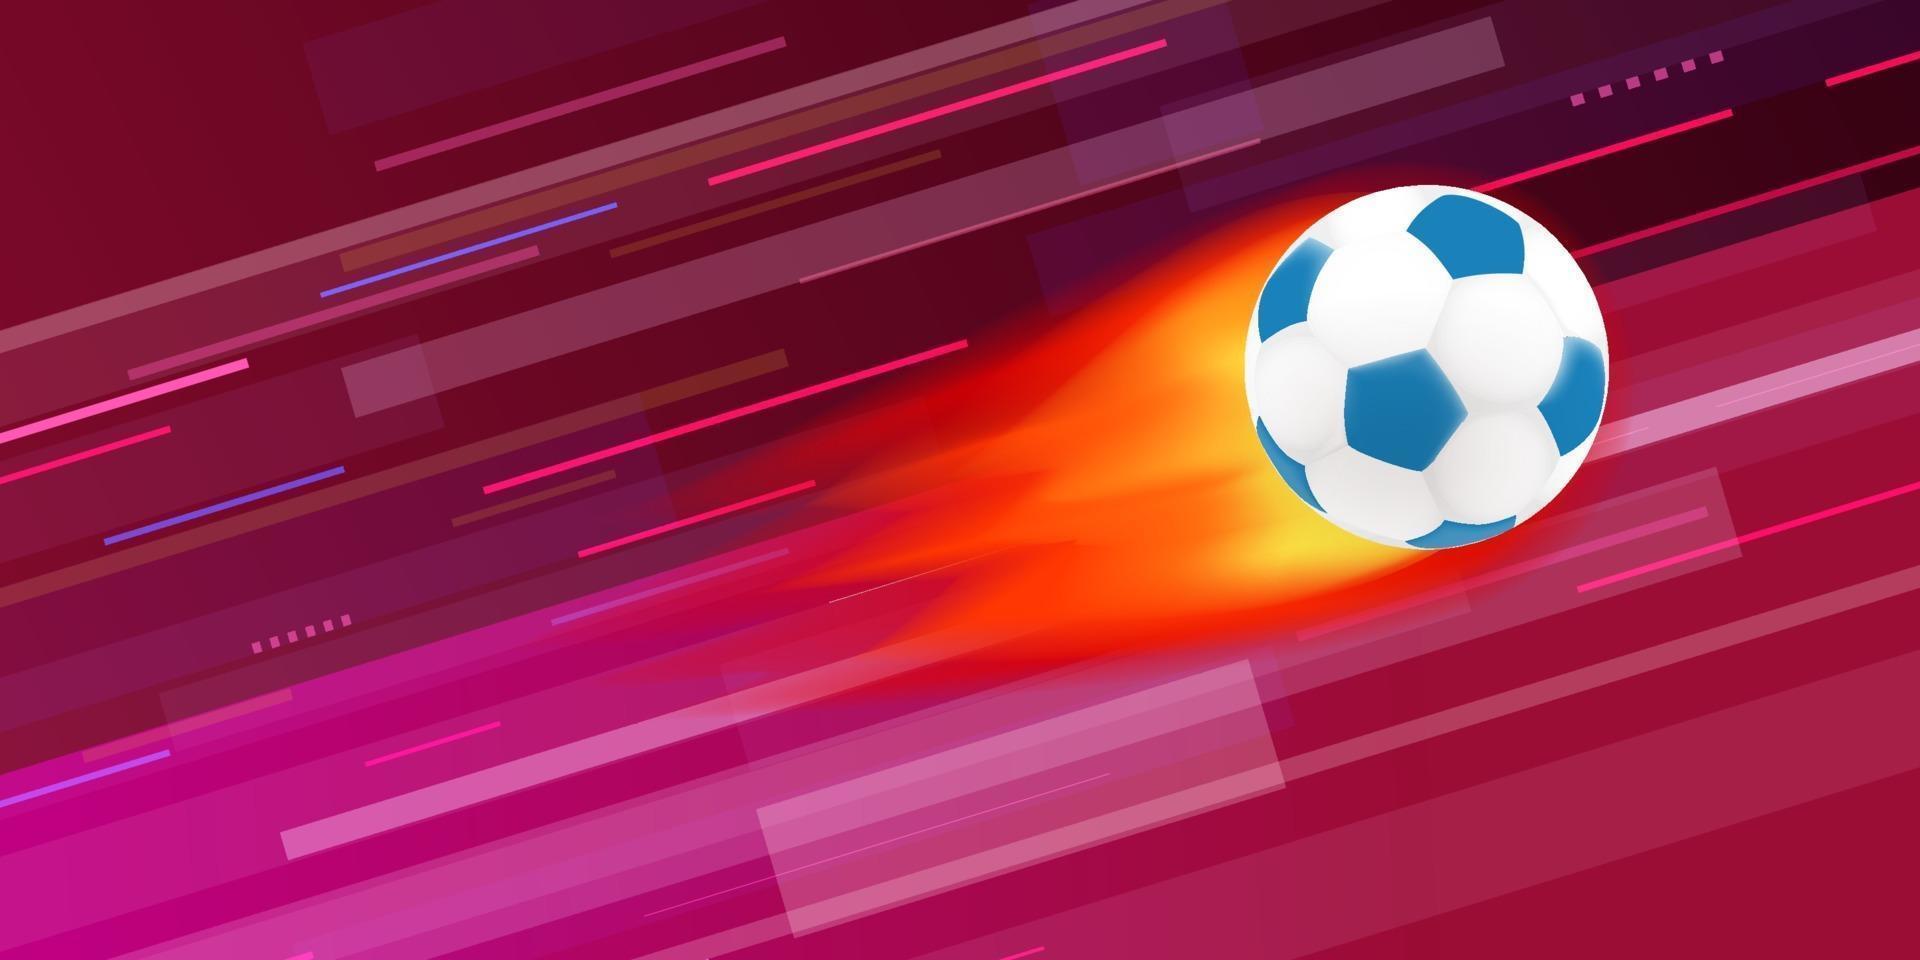 flammender Fußball auf abstrakter Hintergrundvektorillustration vektor